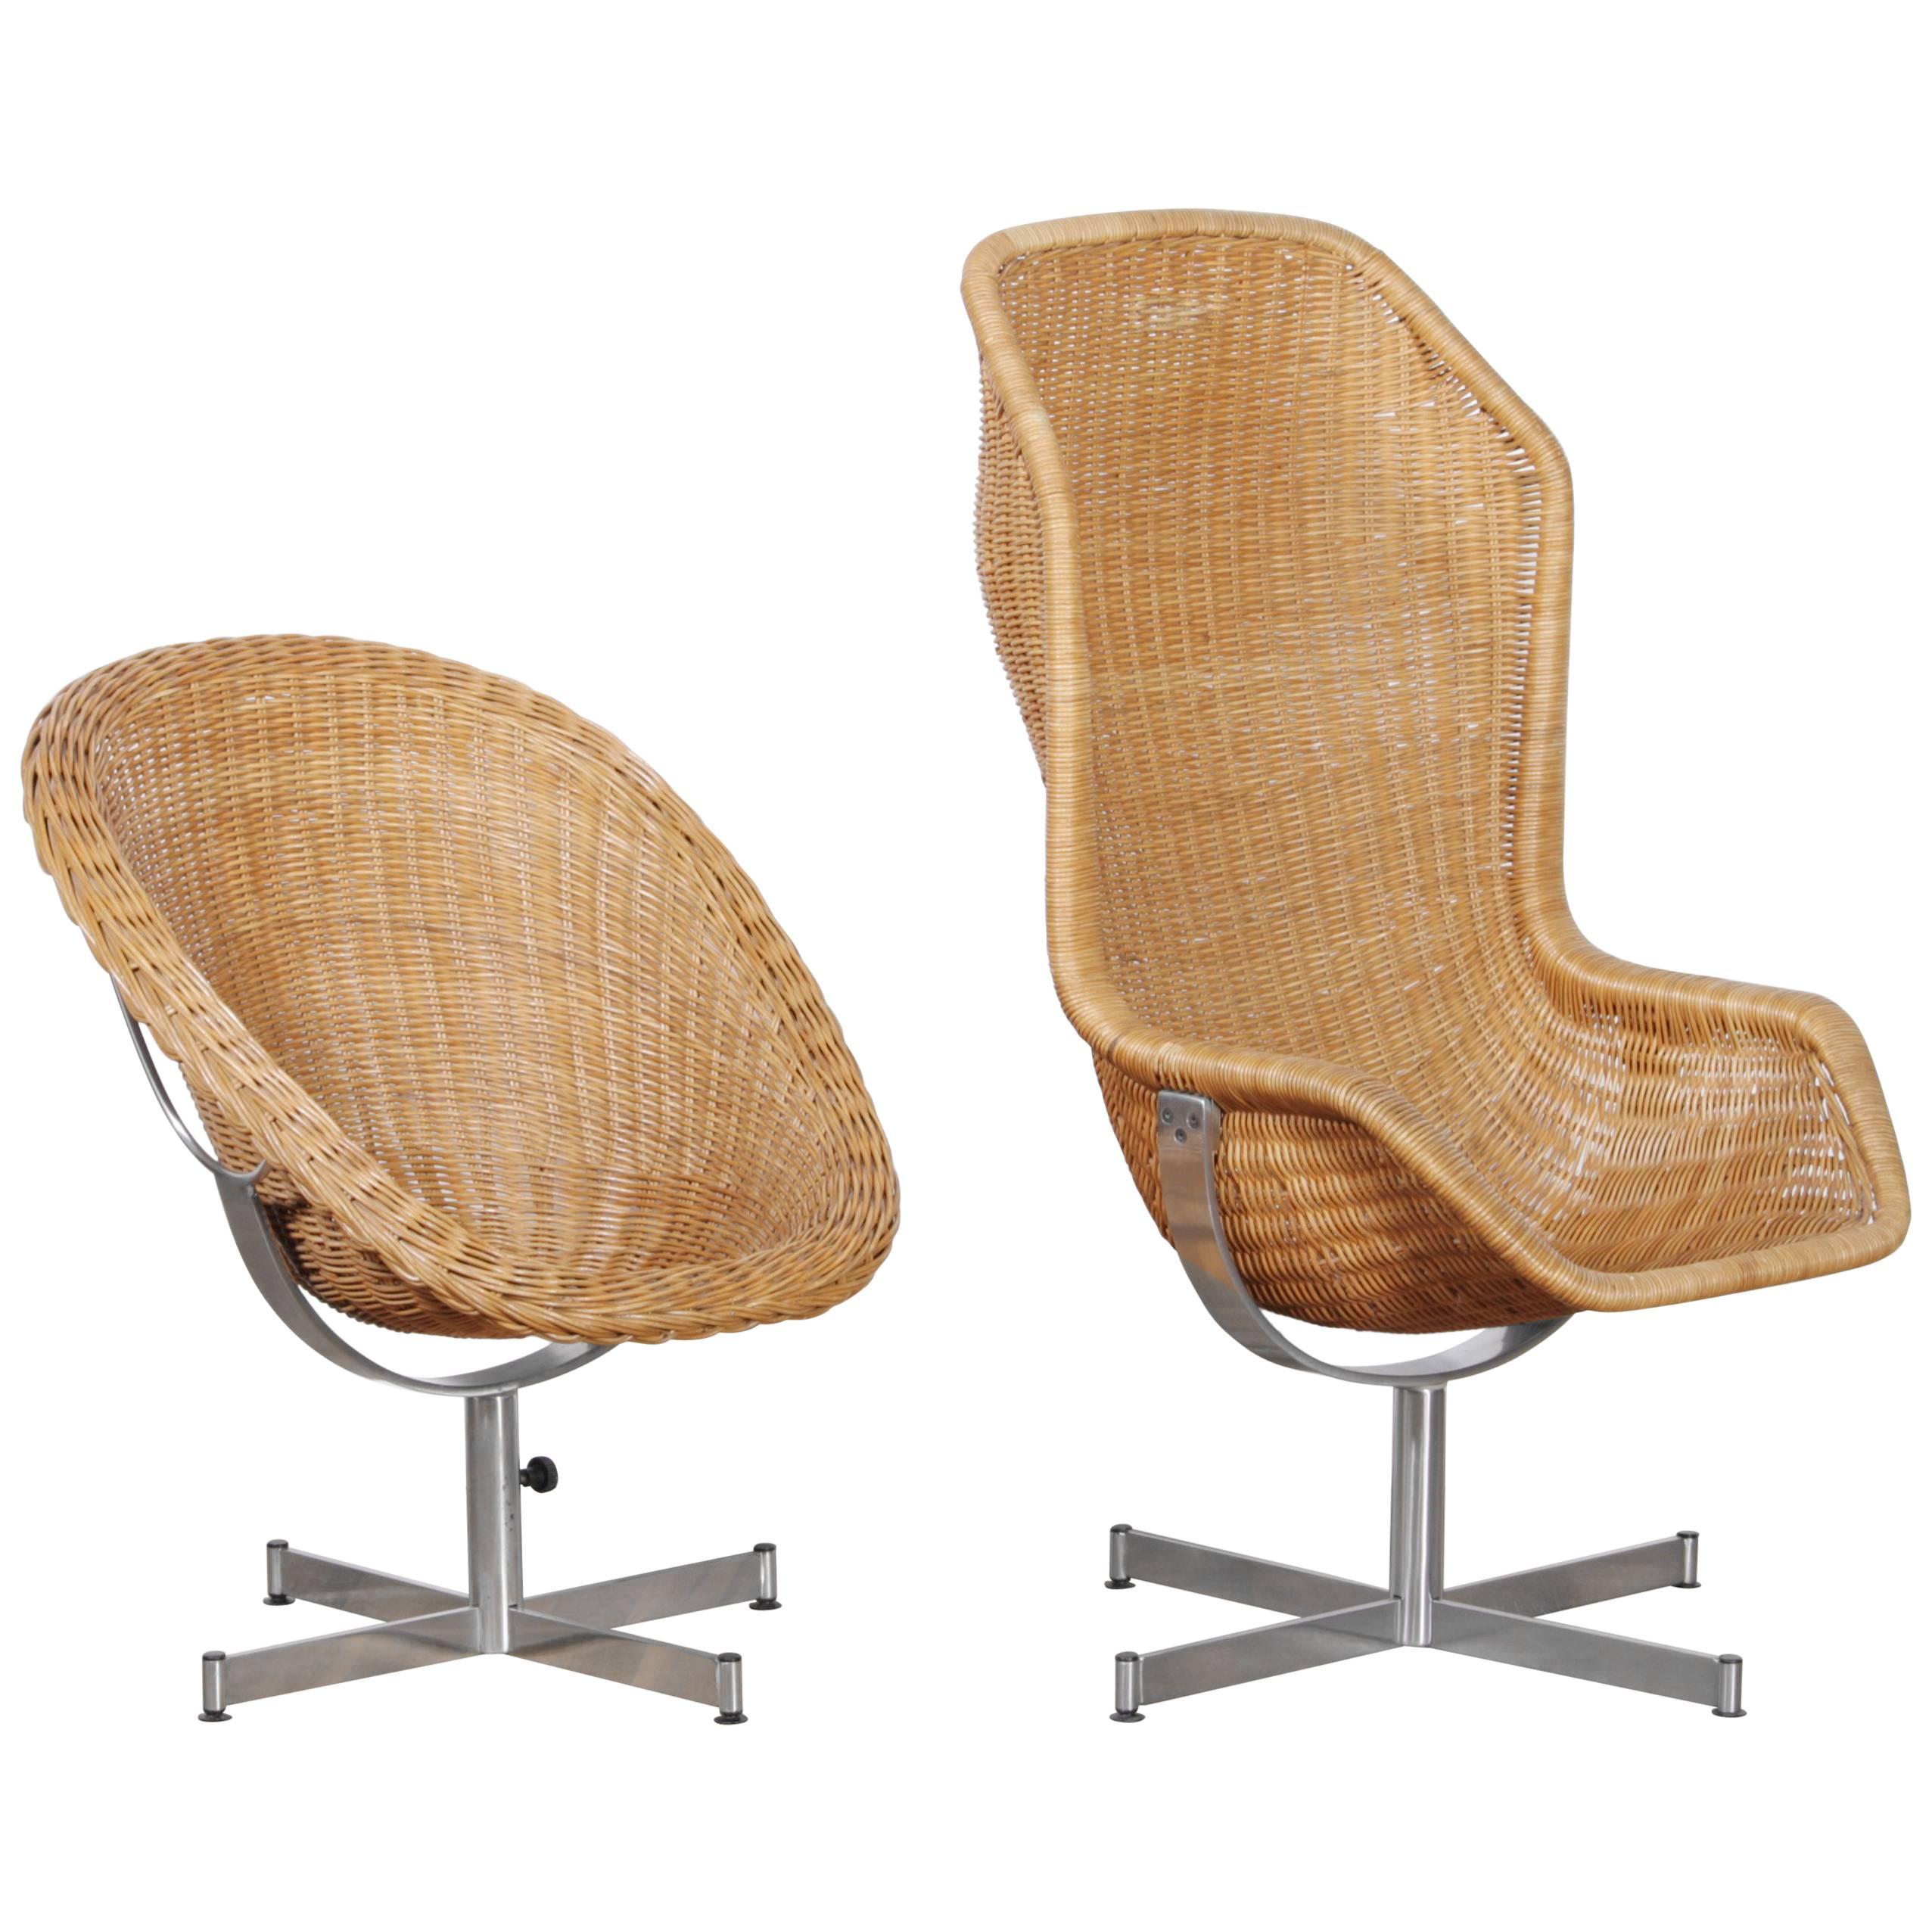 1960s, Set Of Rattan Swivel Chairs By Dirk Van Sliedregt For Gebroeders  Jonkers 1